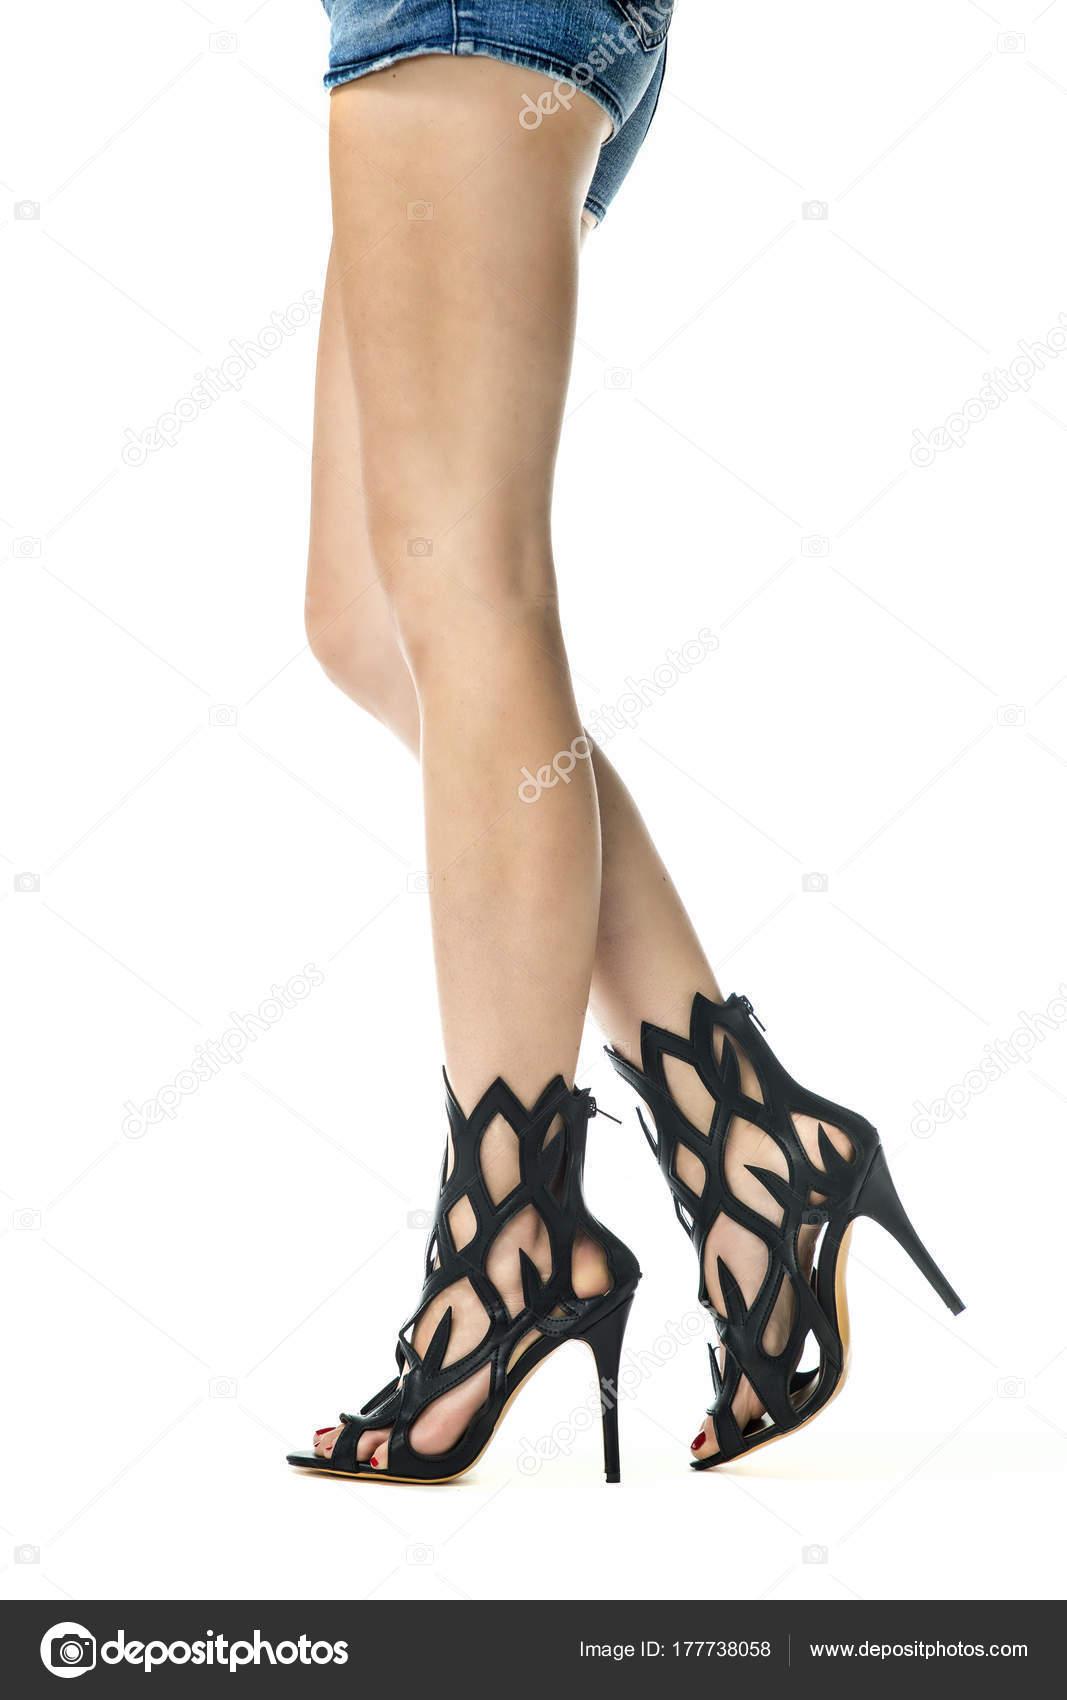 1d96280b98fbf Piernas femeninas en tacones de moda del verano botines — Foto de Stock